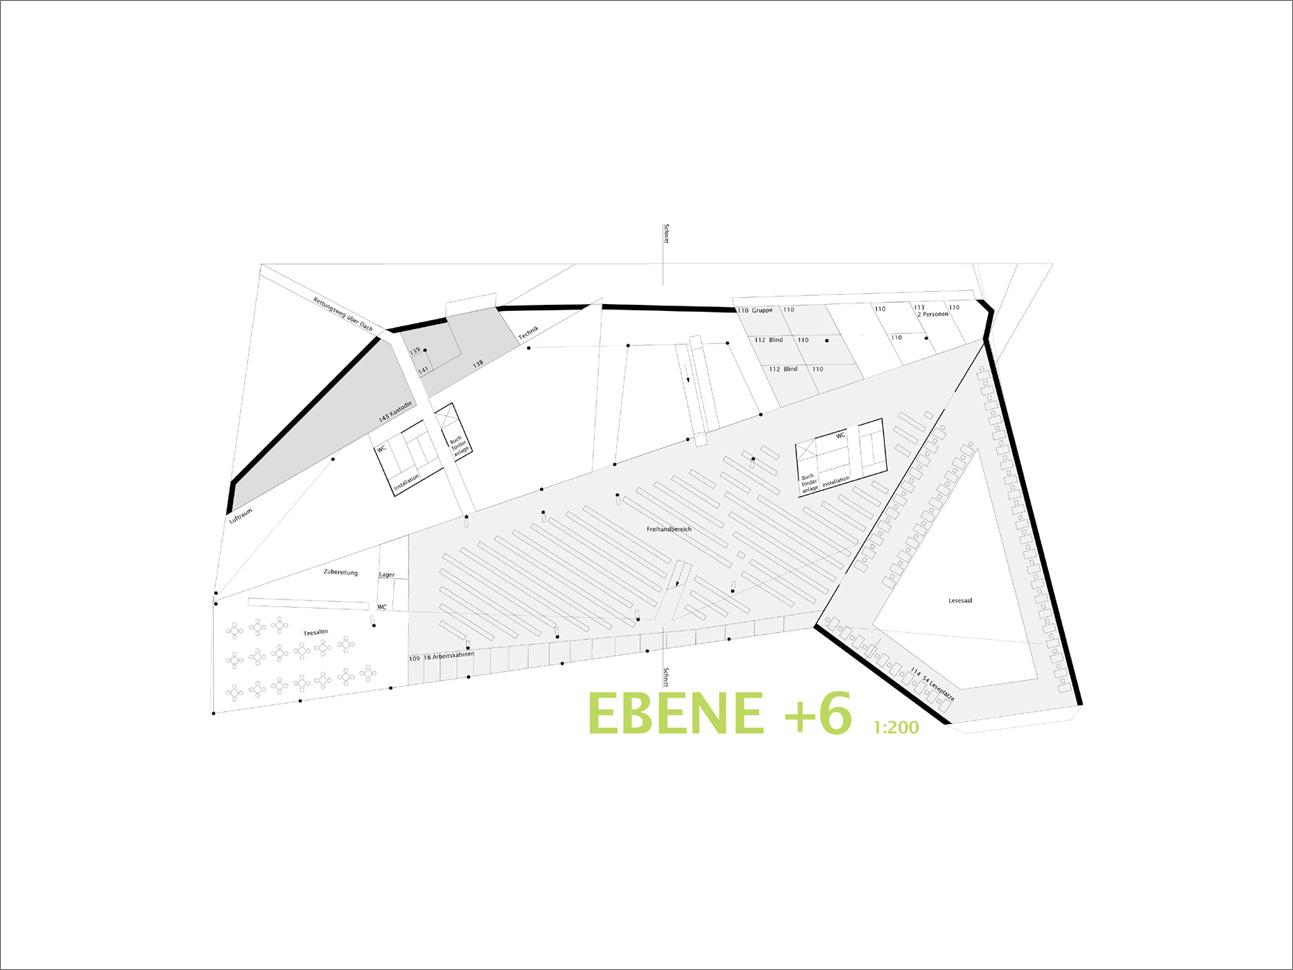 Ebene +6